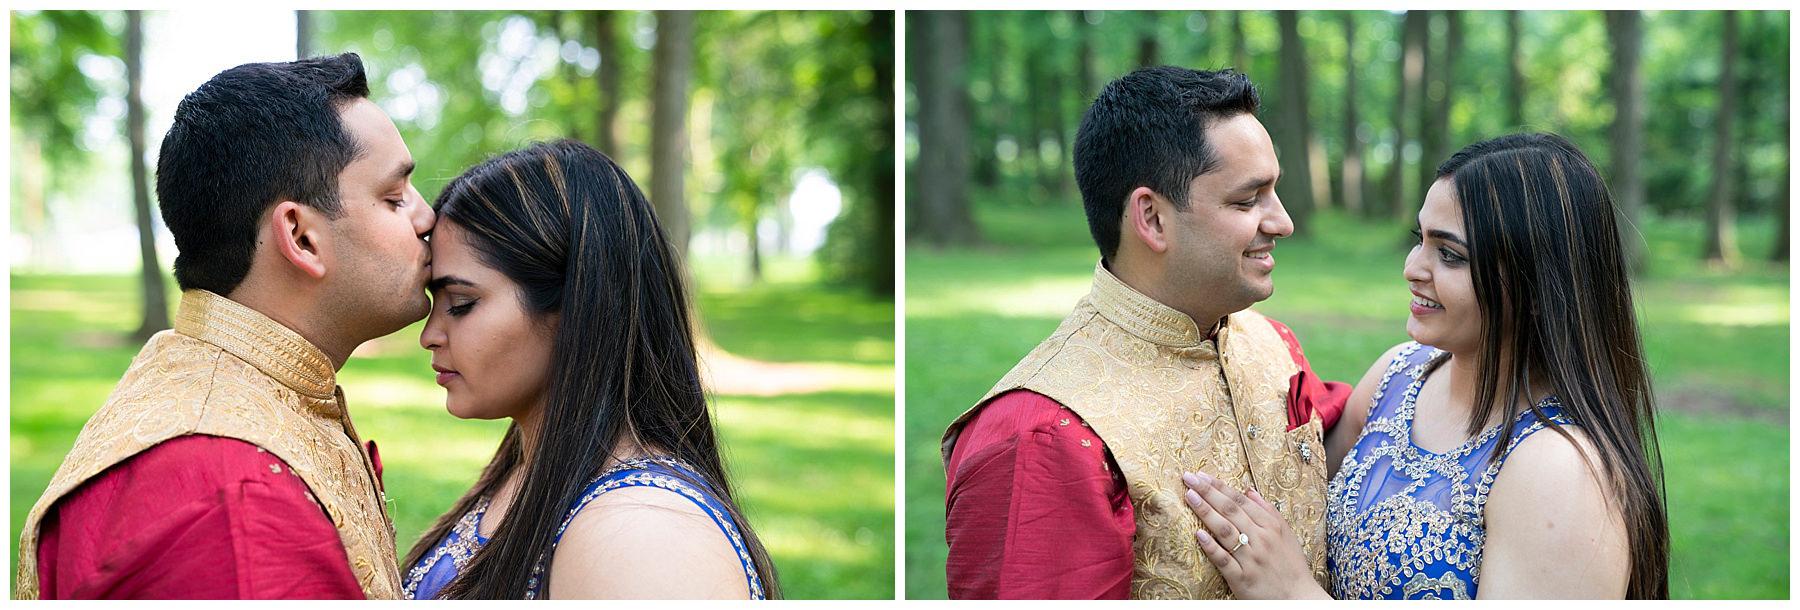 royal-alberts-palace-fords-nj-engagement-vidushi-ankush-35.jpg